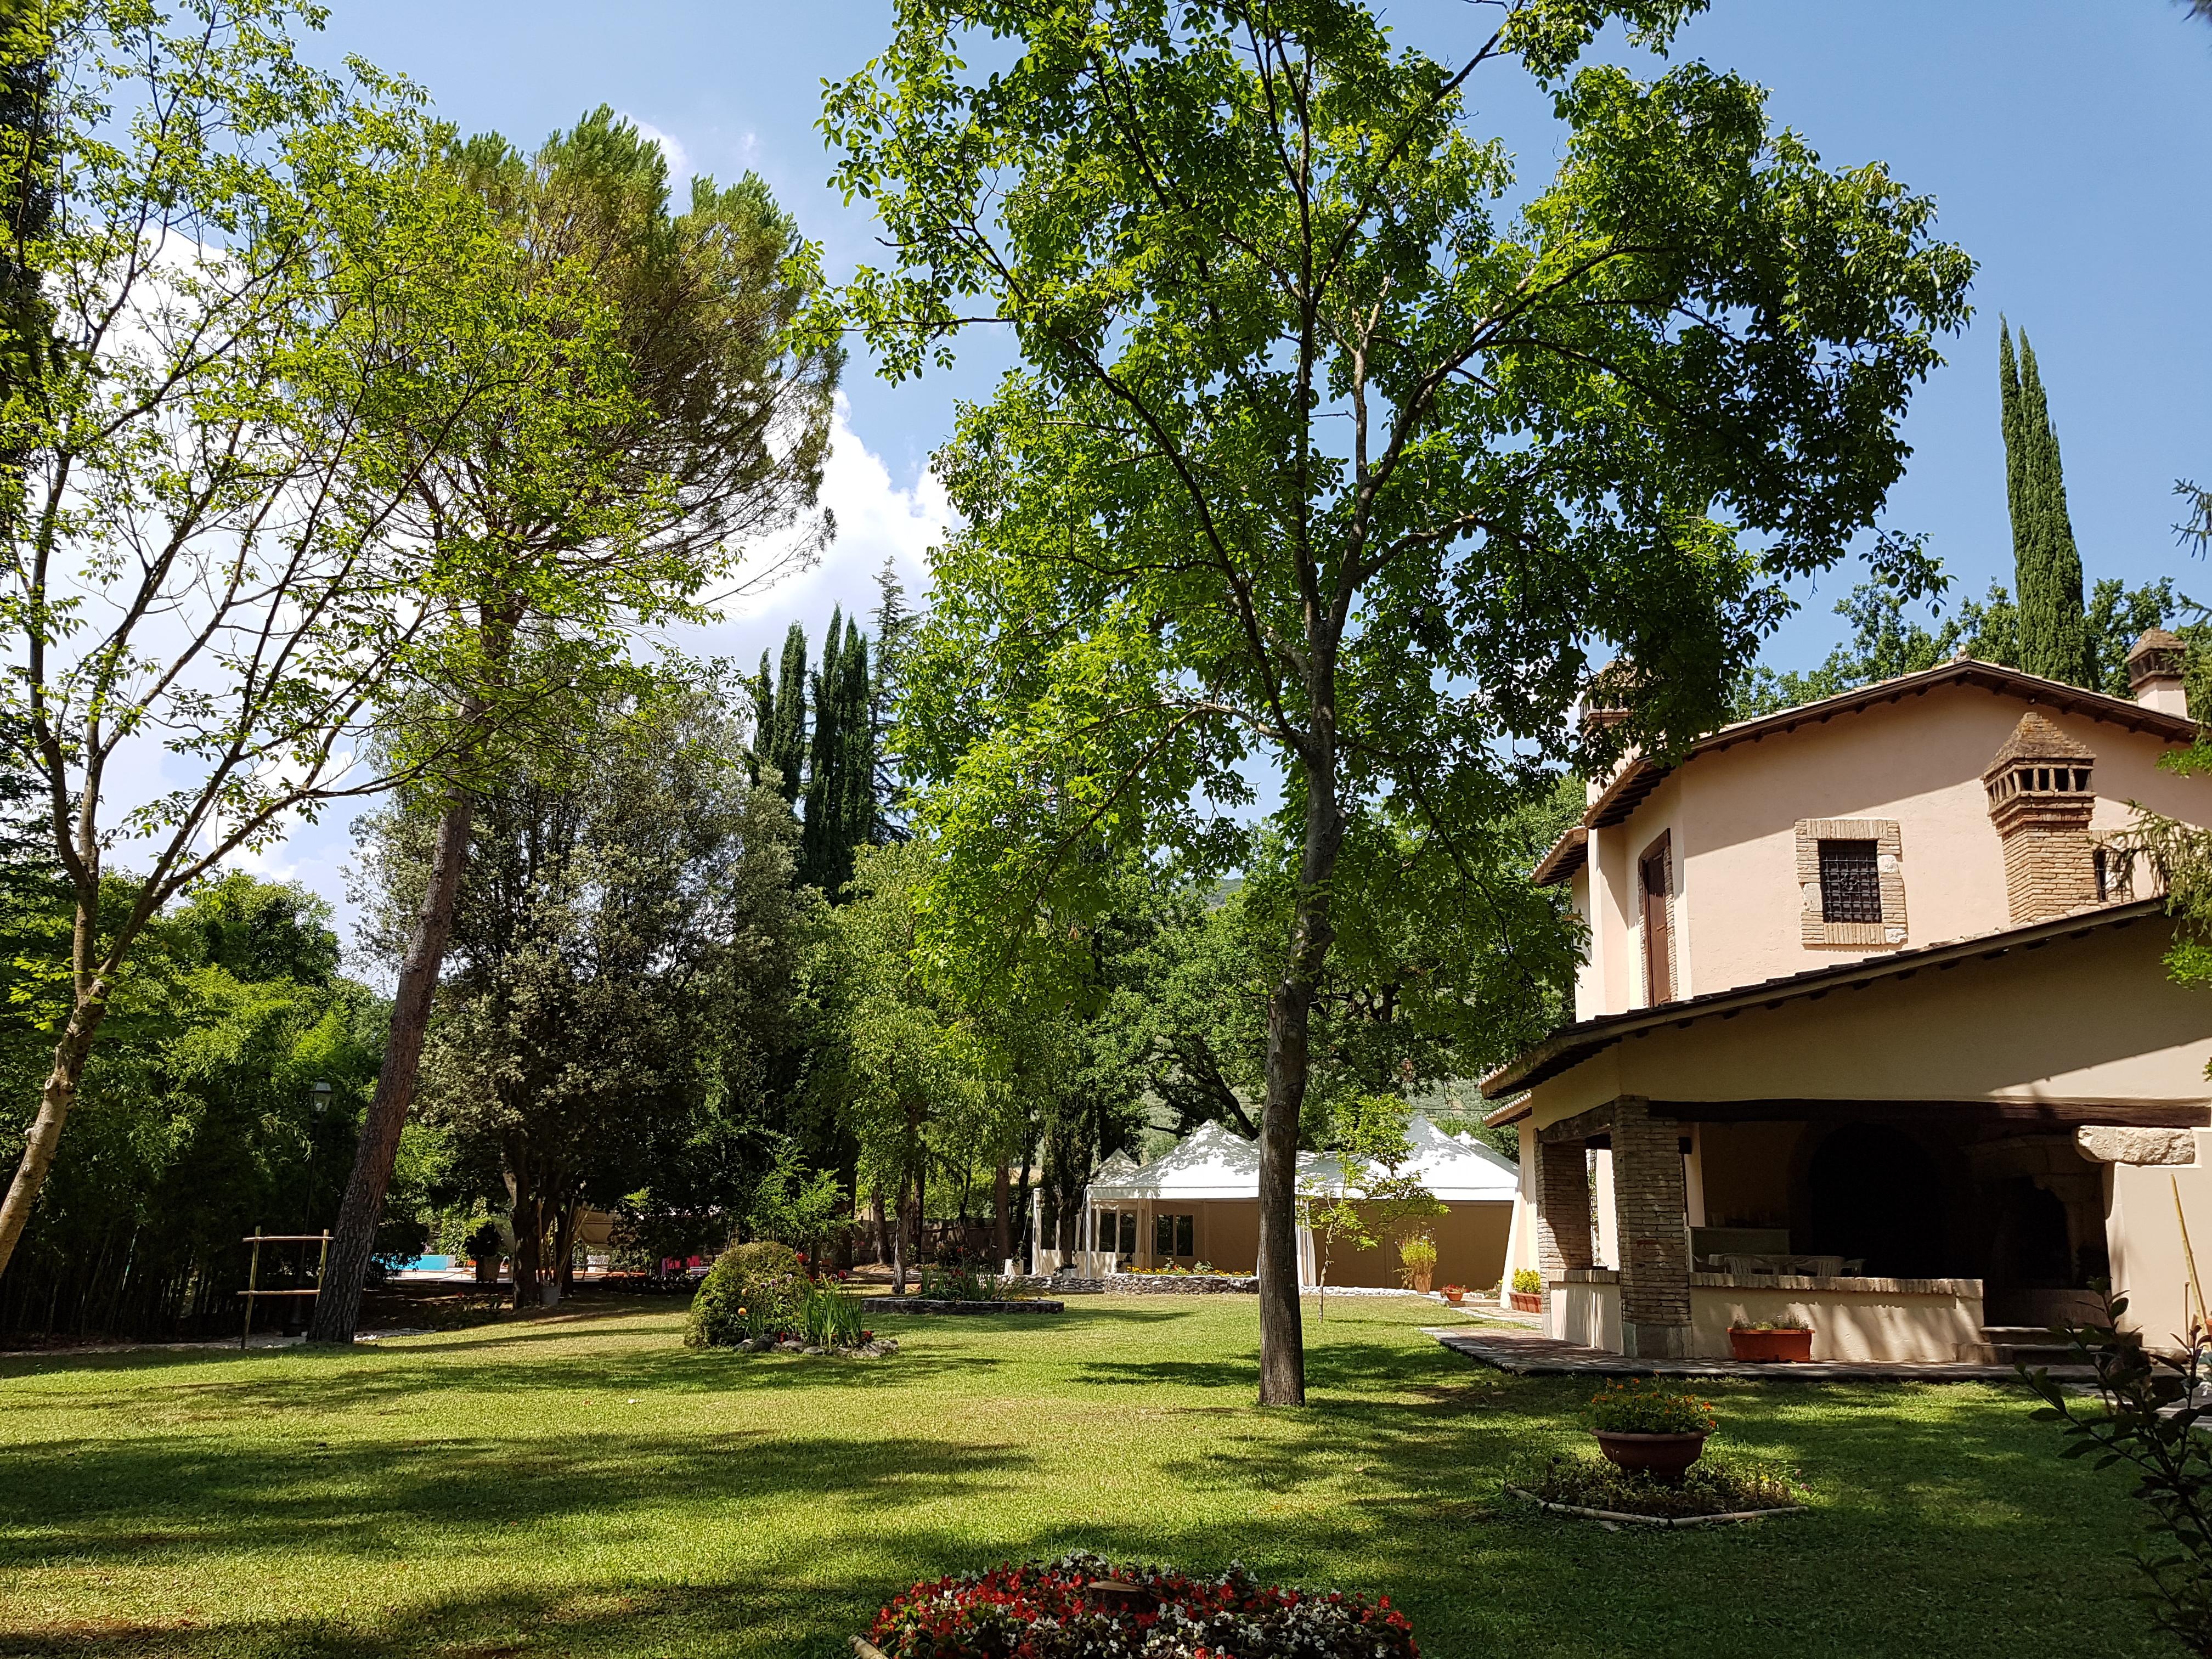 Tenuta La Seminatrice una meravigliosa location natural chic.